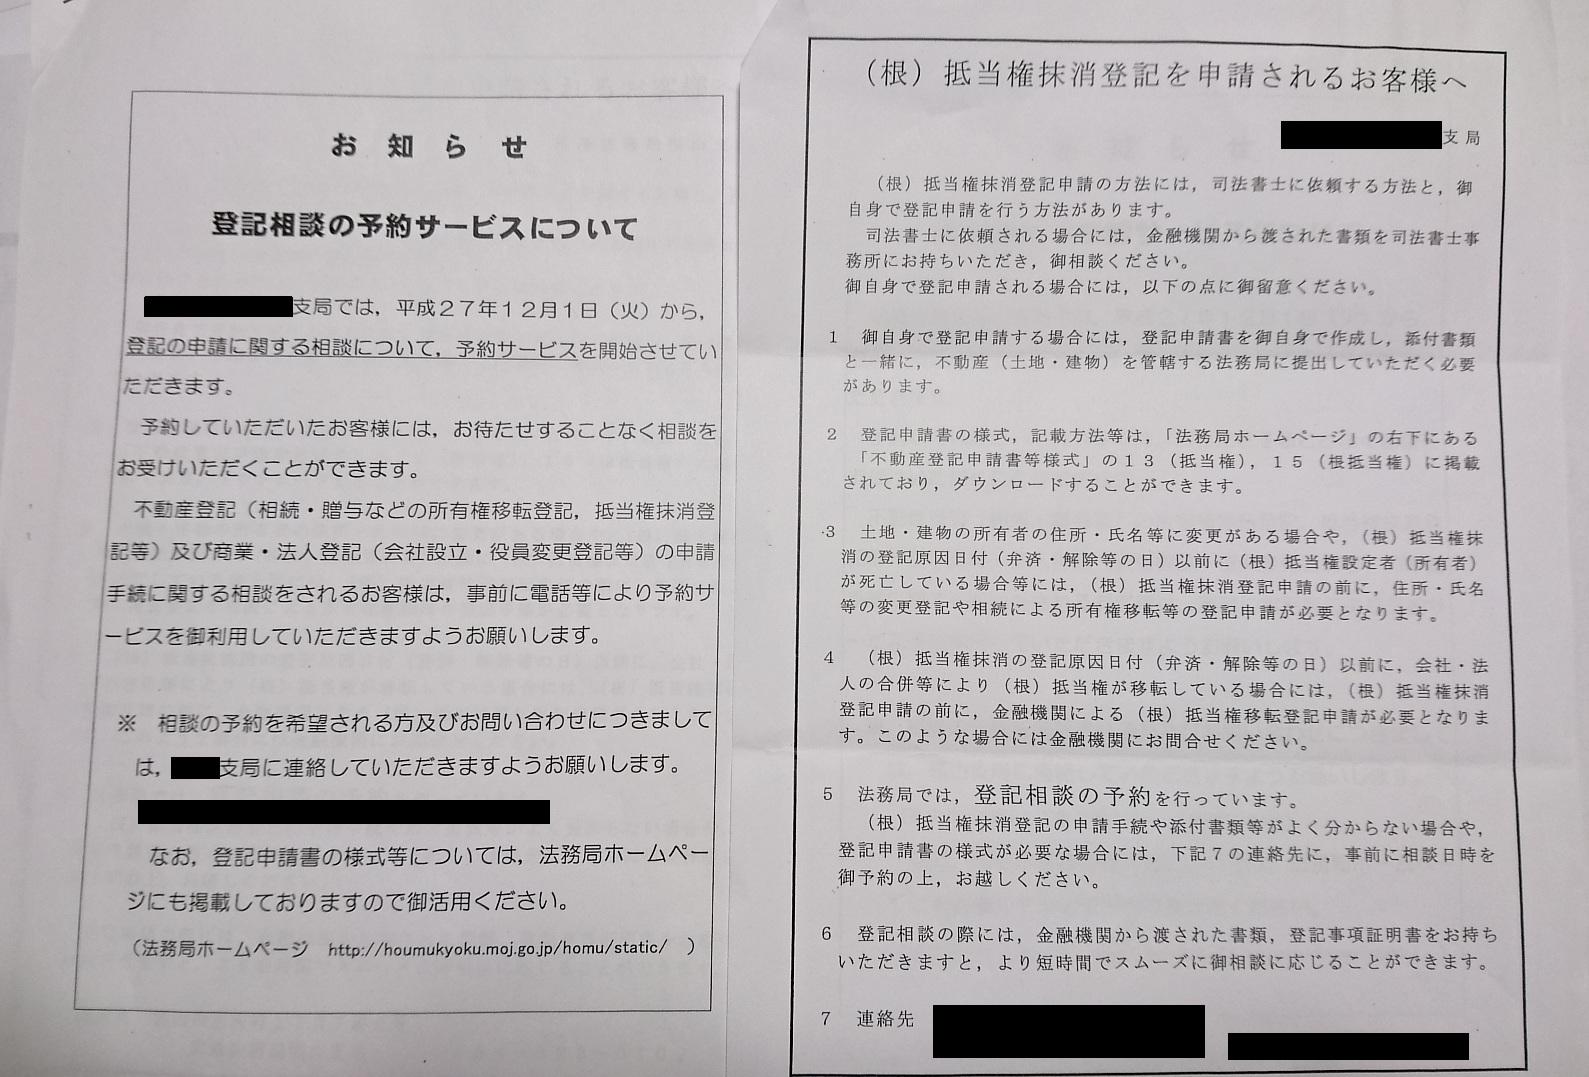 抵当 権 抹消 登記 申請 書